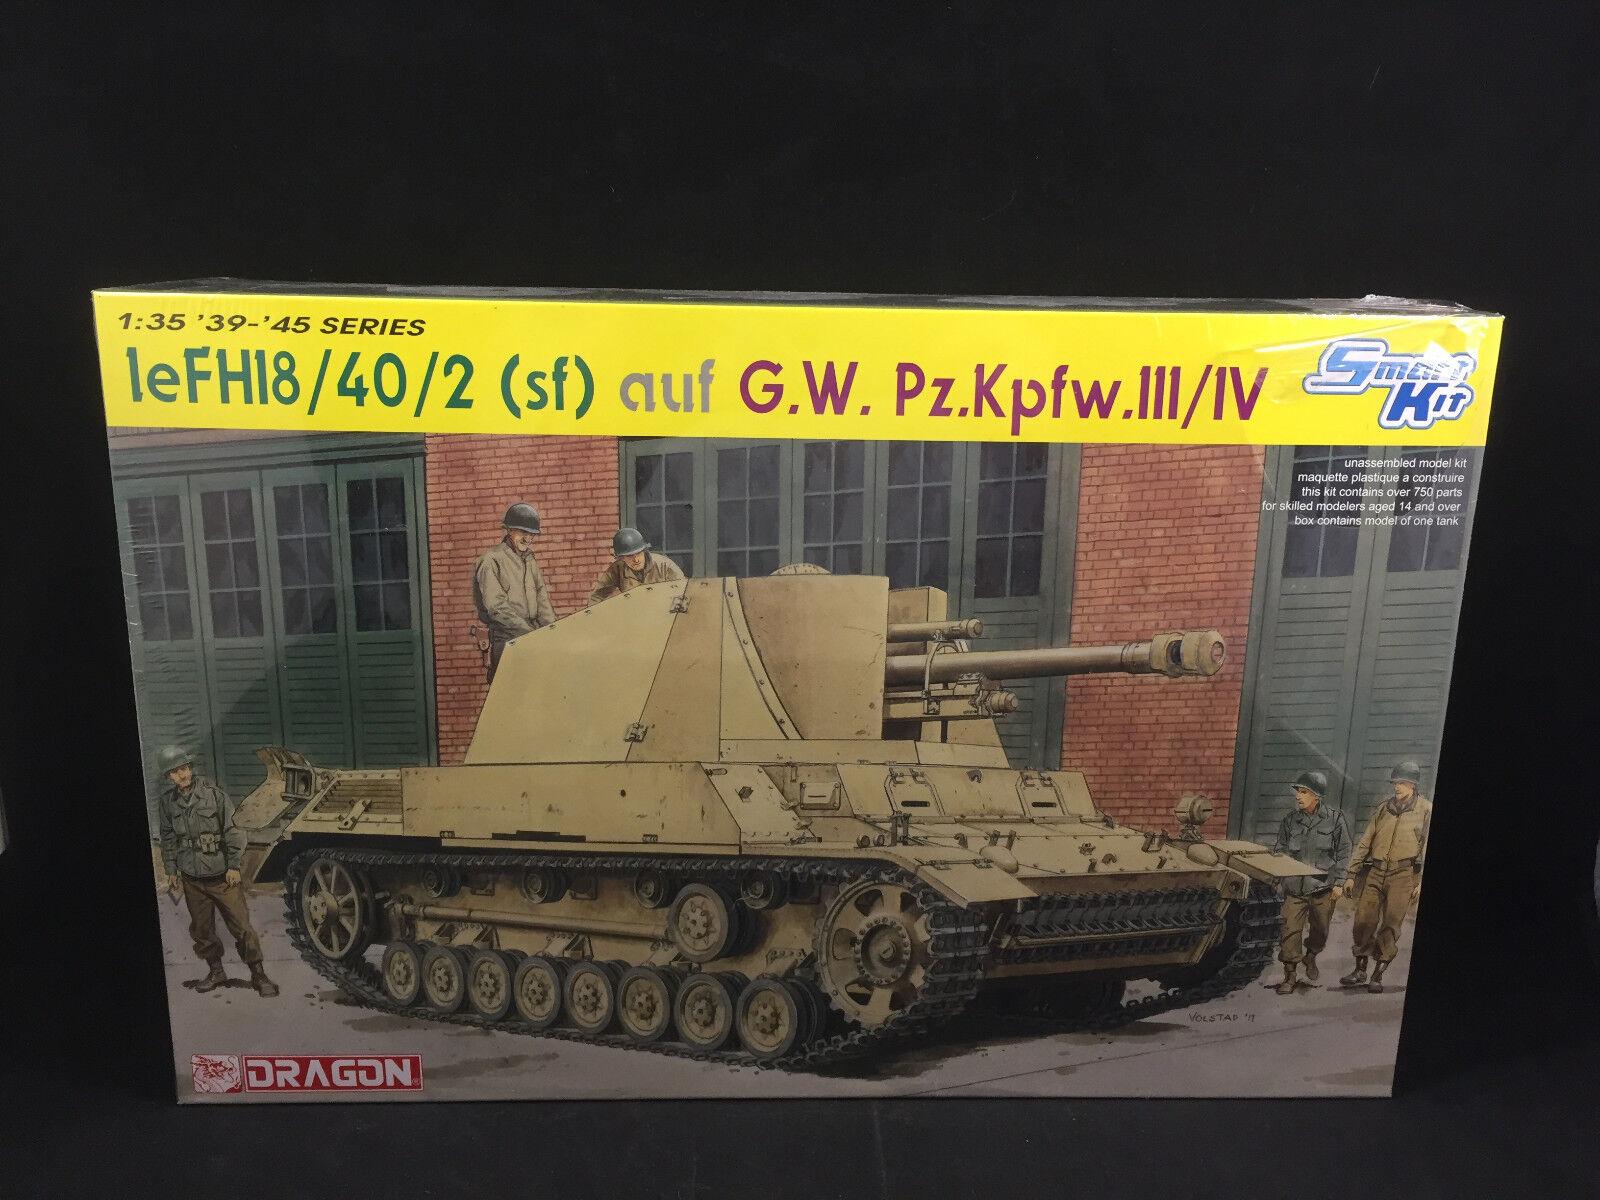 Dragon Models leFH18 40 2 (sf) auf G.W. Pz.Kpfw.111 IV 1 35 Scale Model Kit 6710